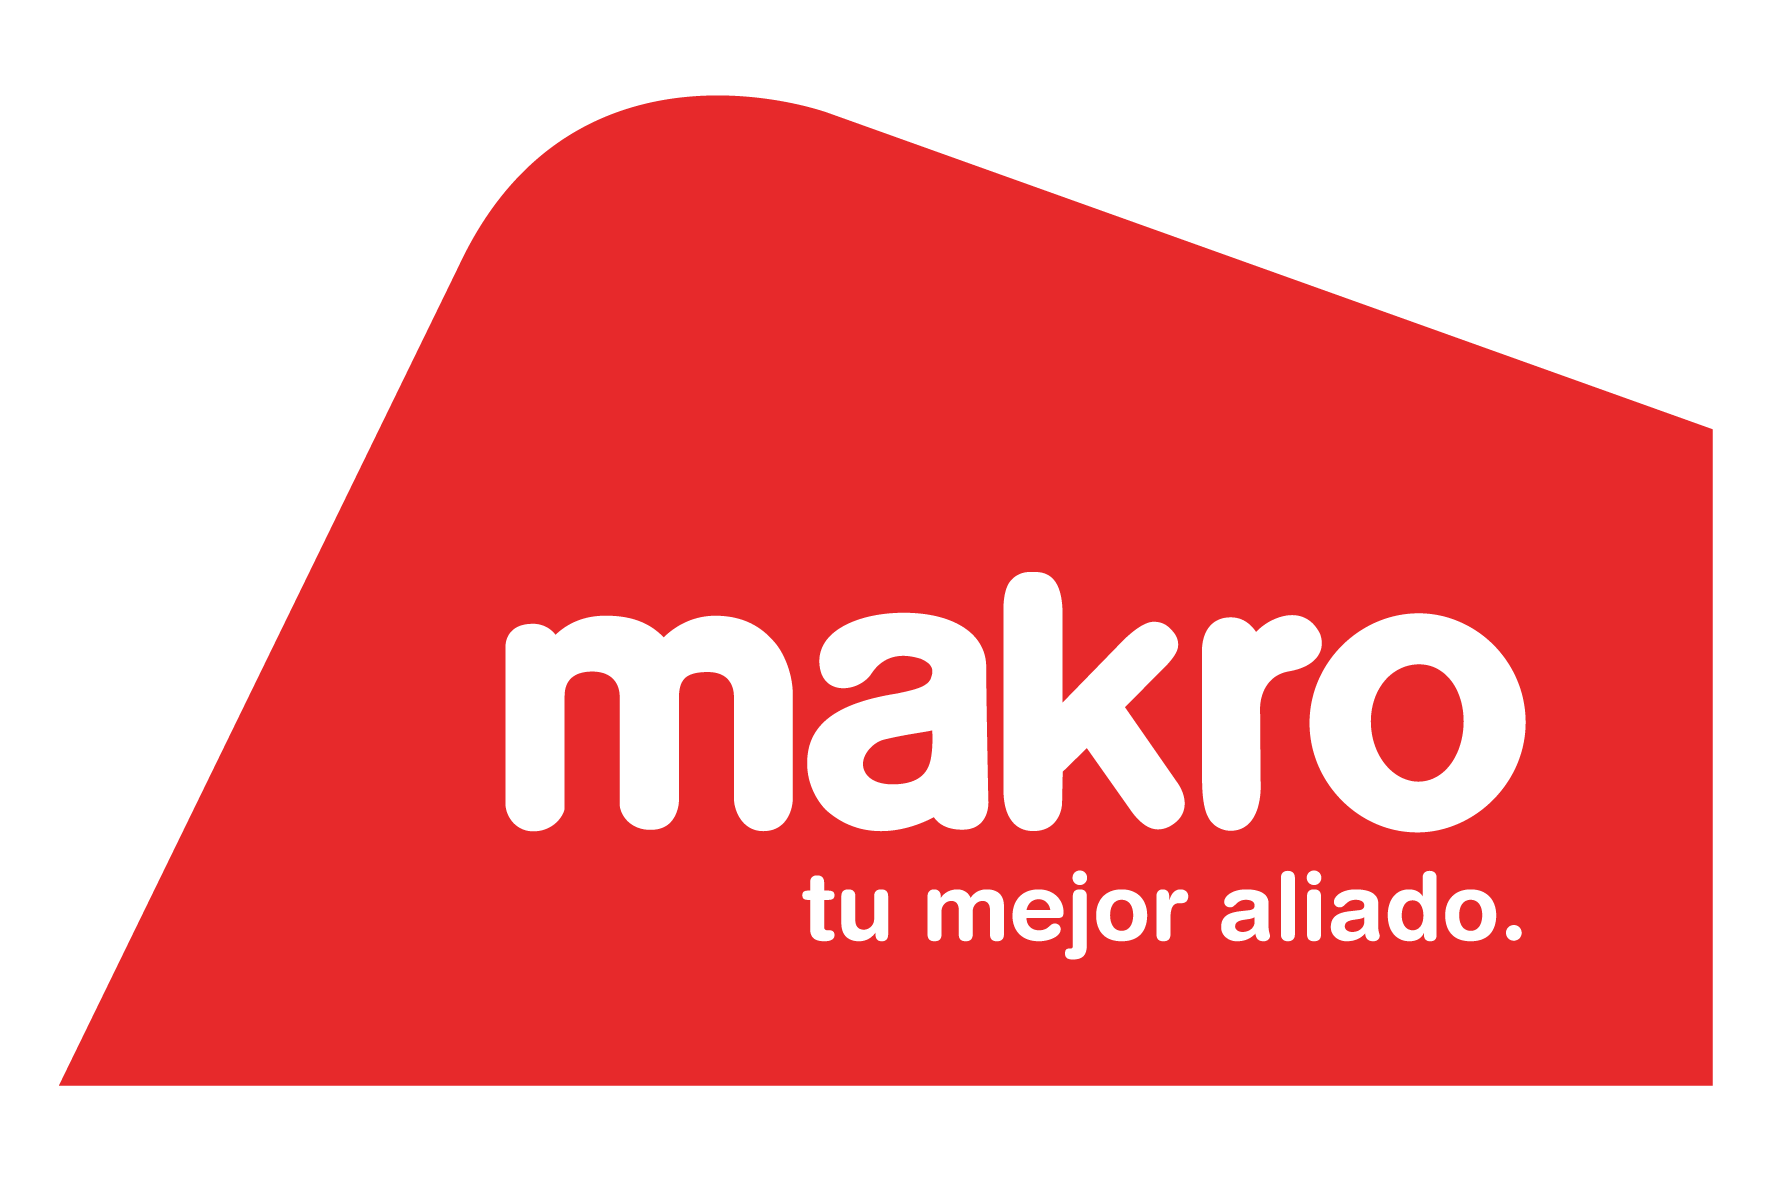 Logo Makro rojo (1)